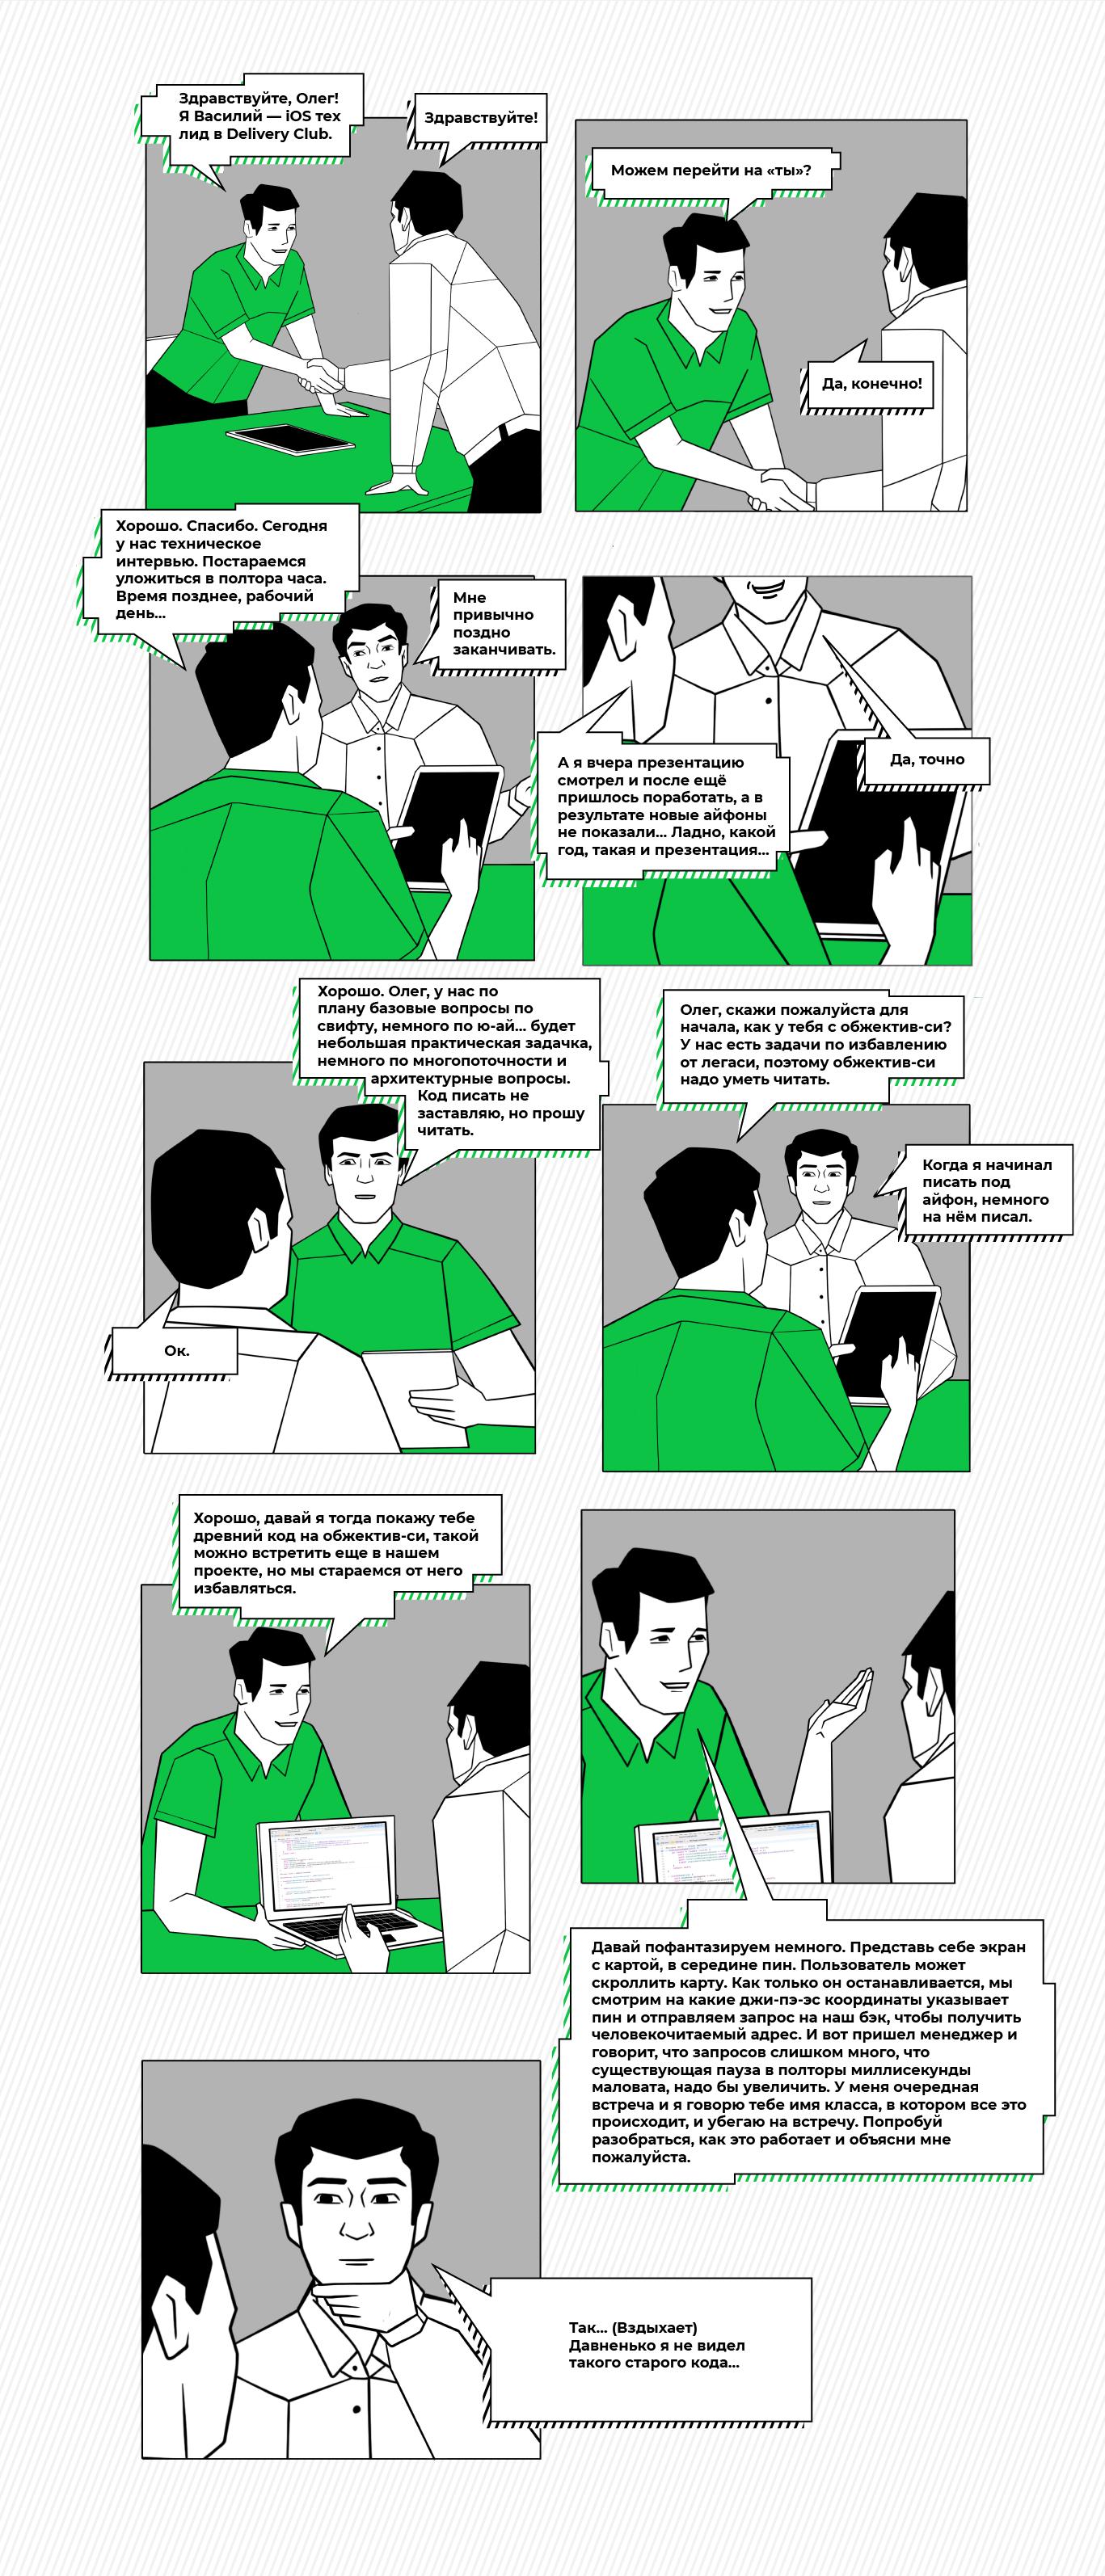 Сценарий идеального технического собеседования - 3